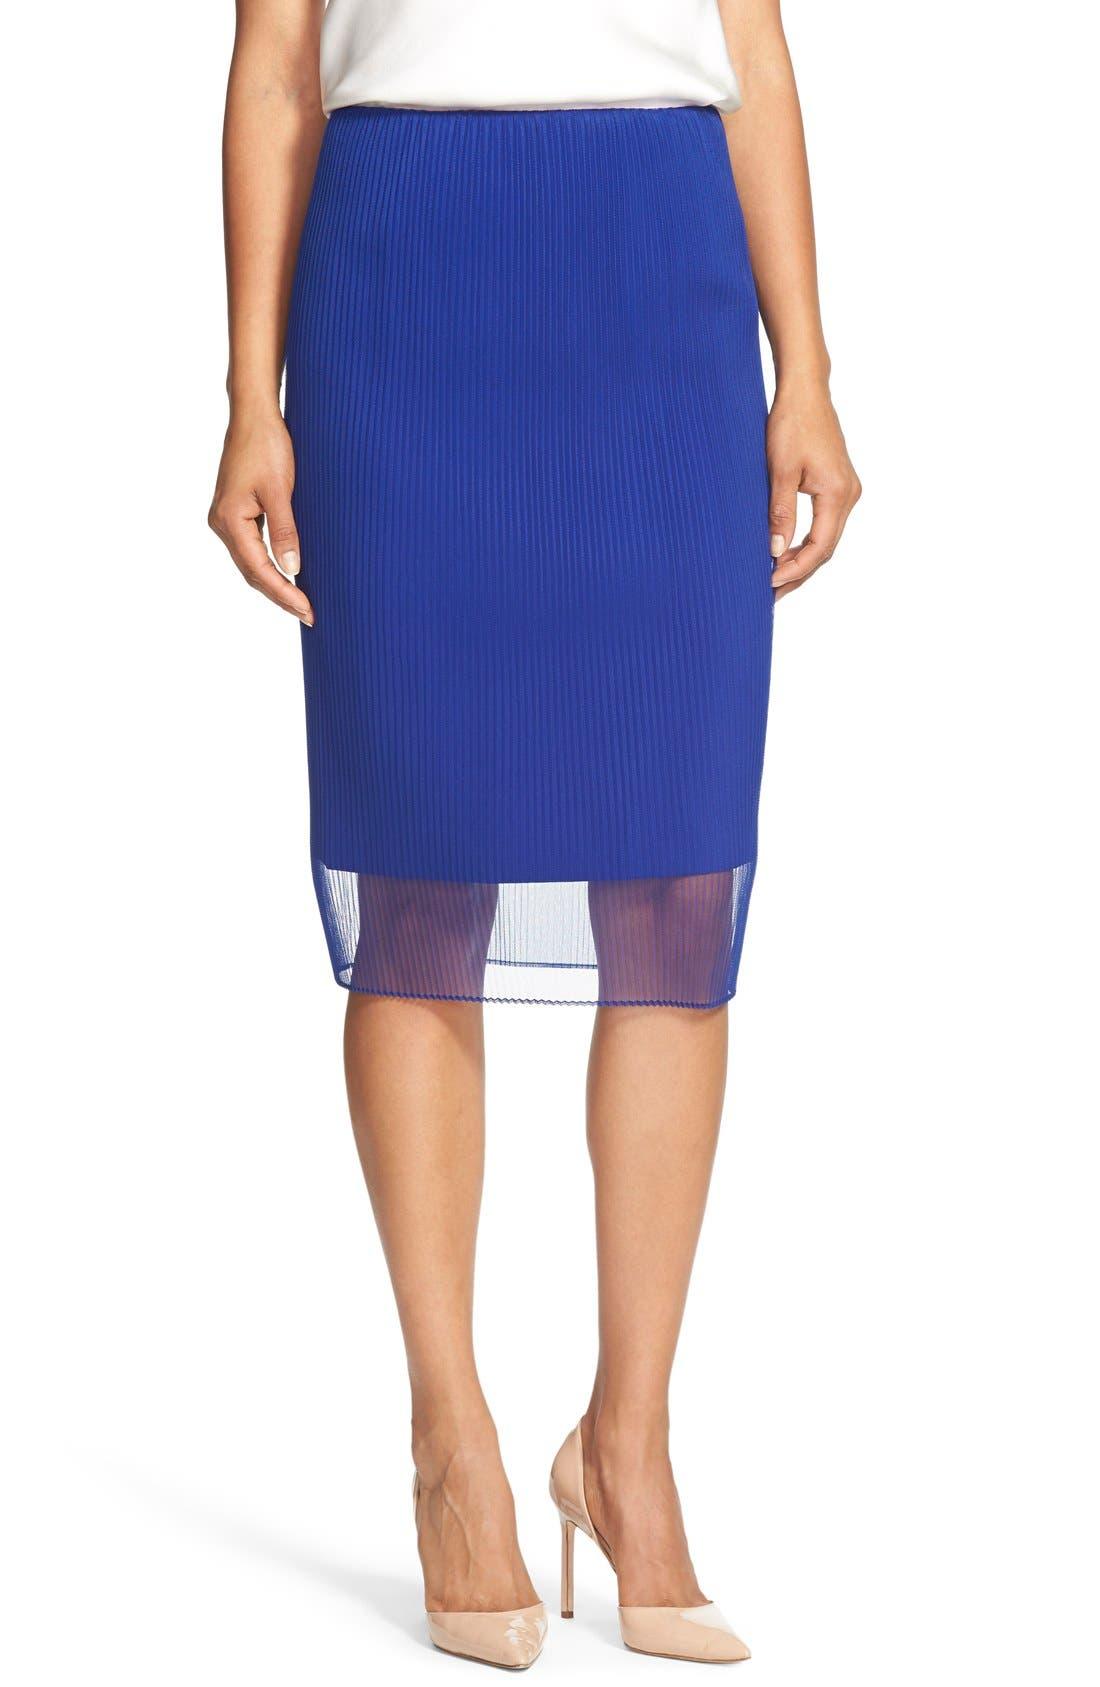 Alternate Image 1 Selected - BOSS 'Veplyti' Plissé Overlay Pencil Skirt